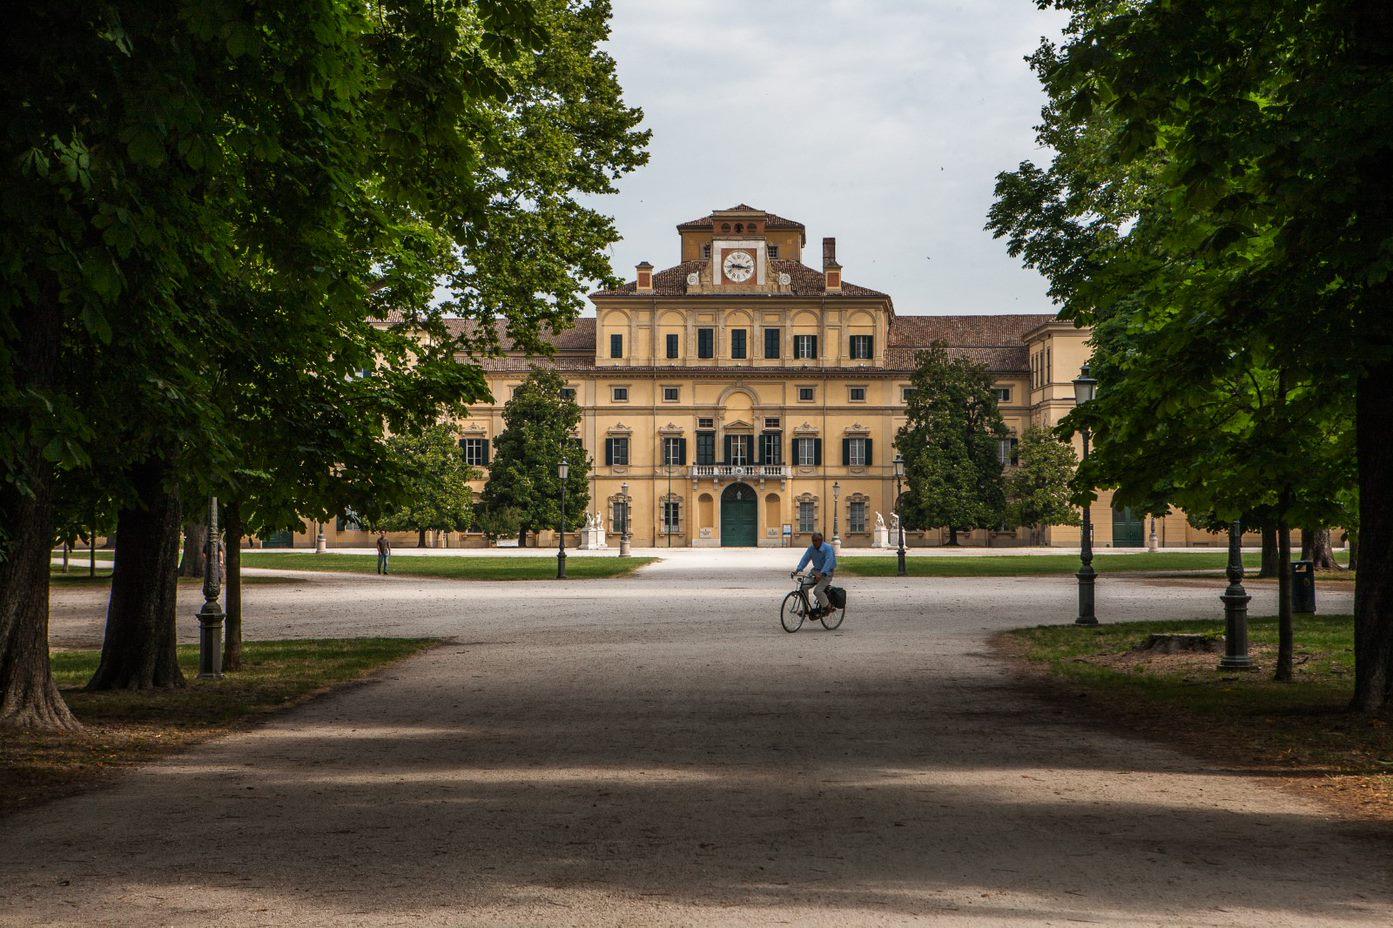 Palazzo Ducale con bici.jpg